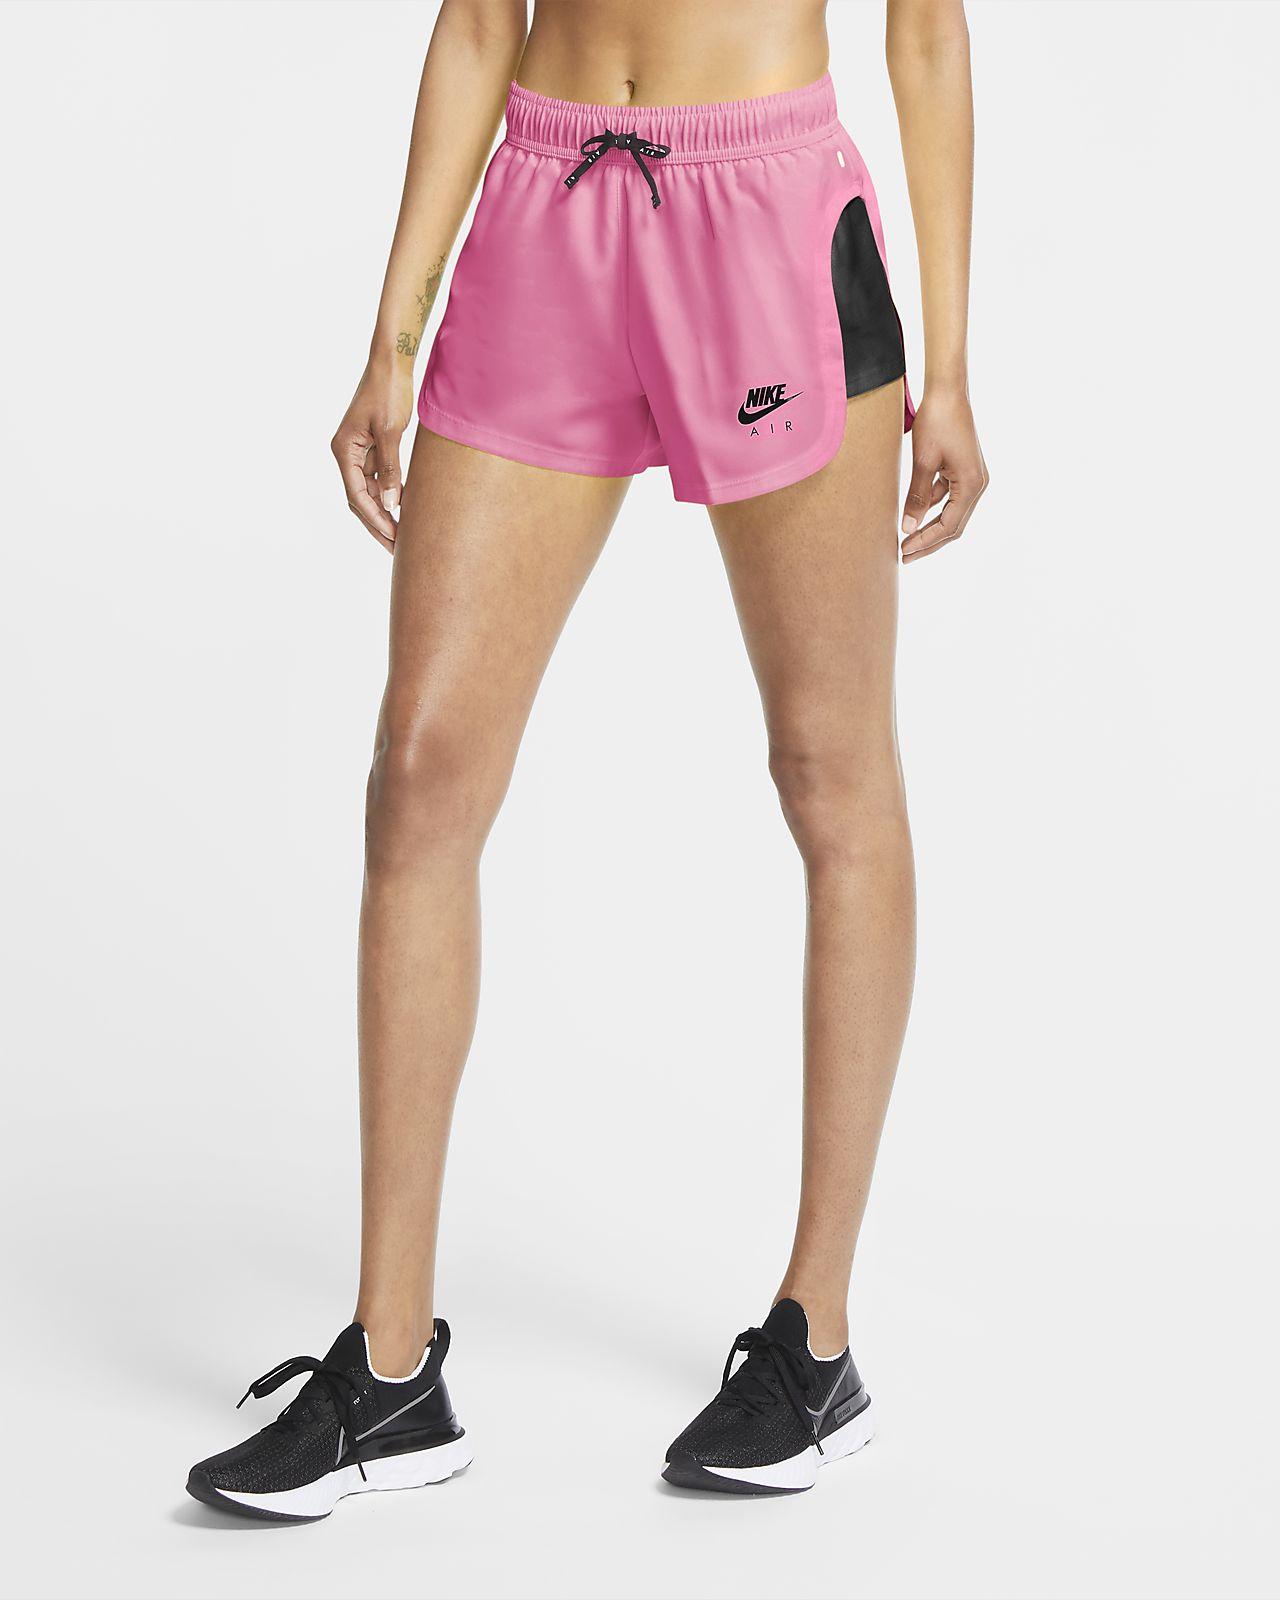 Женские беговые шорты Nike Air